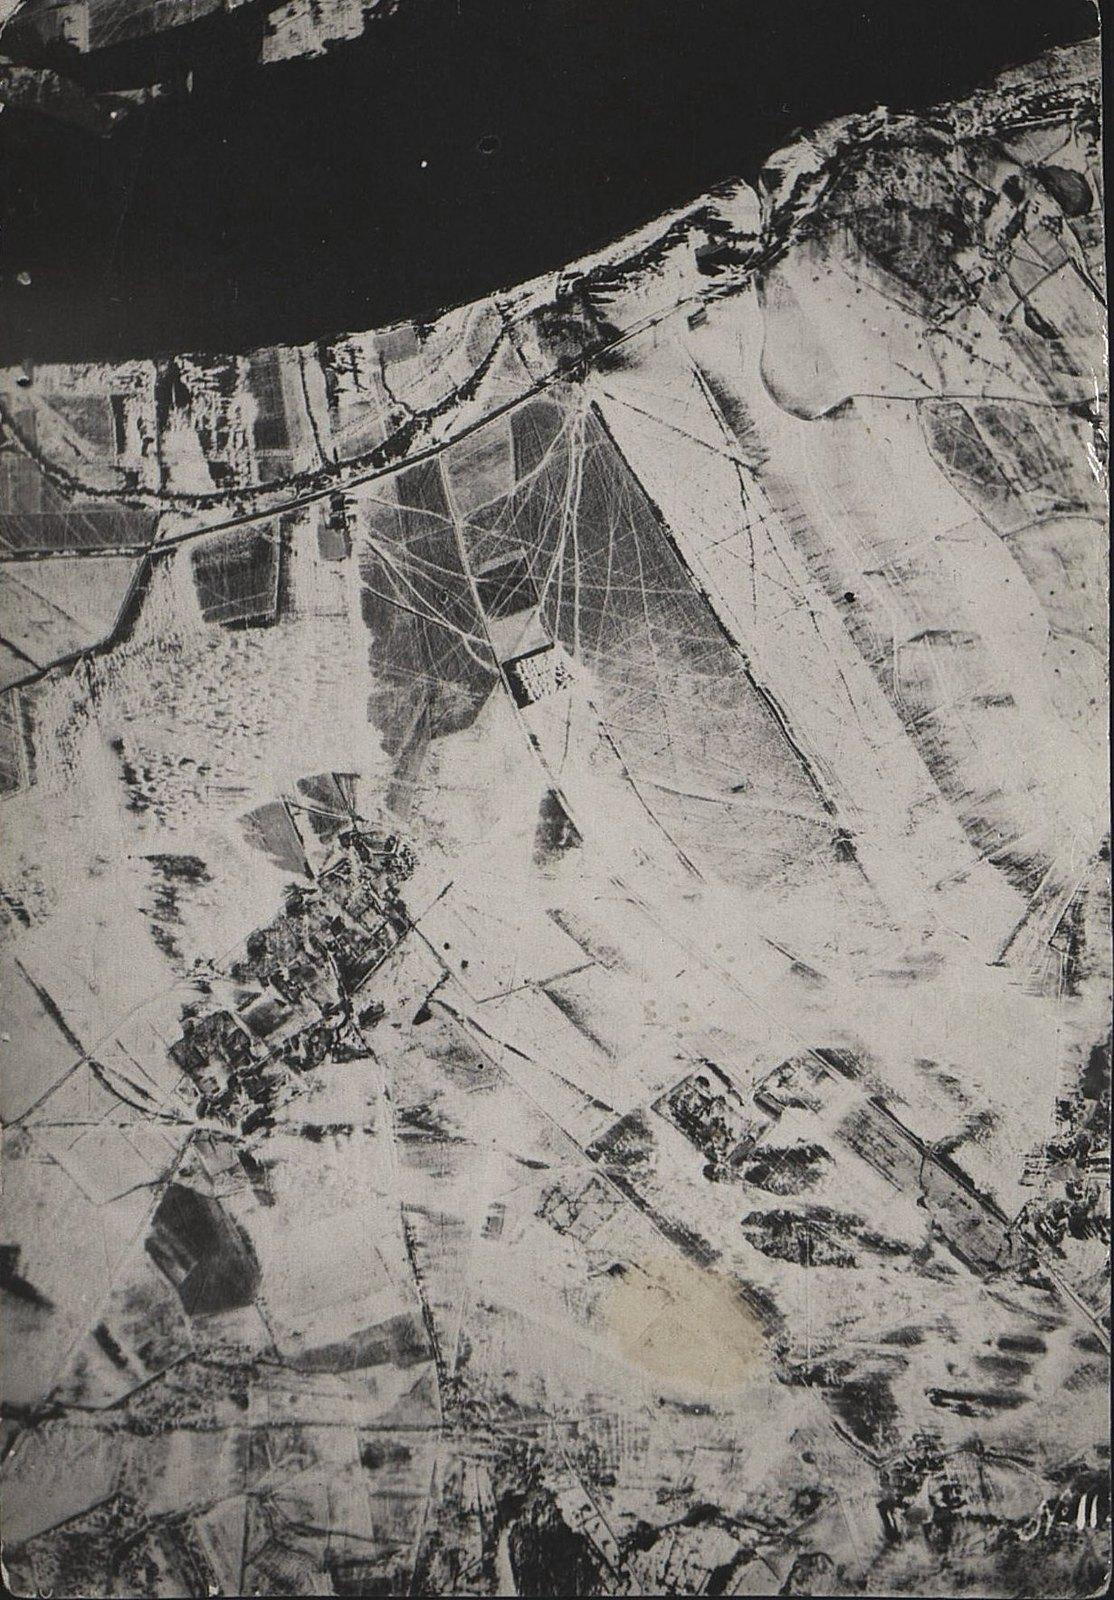 1916. Зимняя фоторазведка Двины (севернее Двинска) на одном из участков Северного фронта (снимок второй)